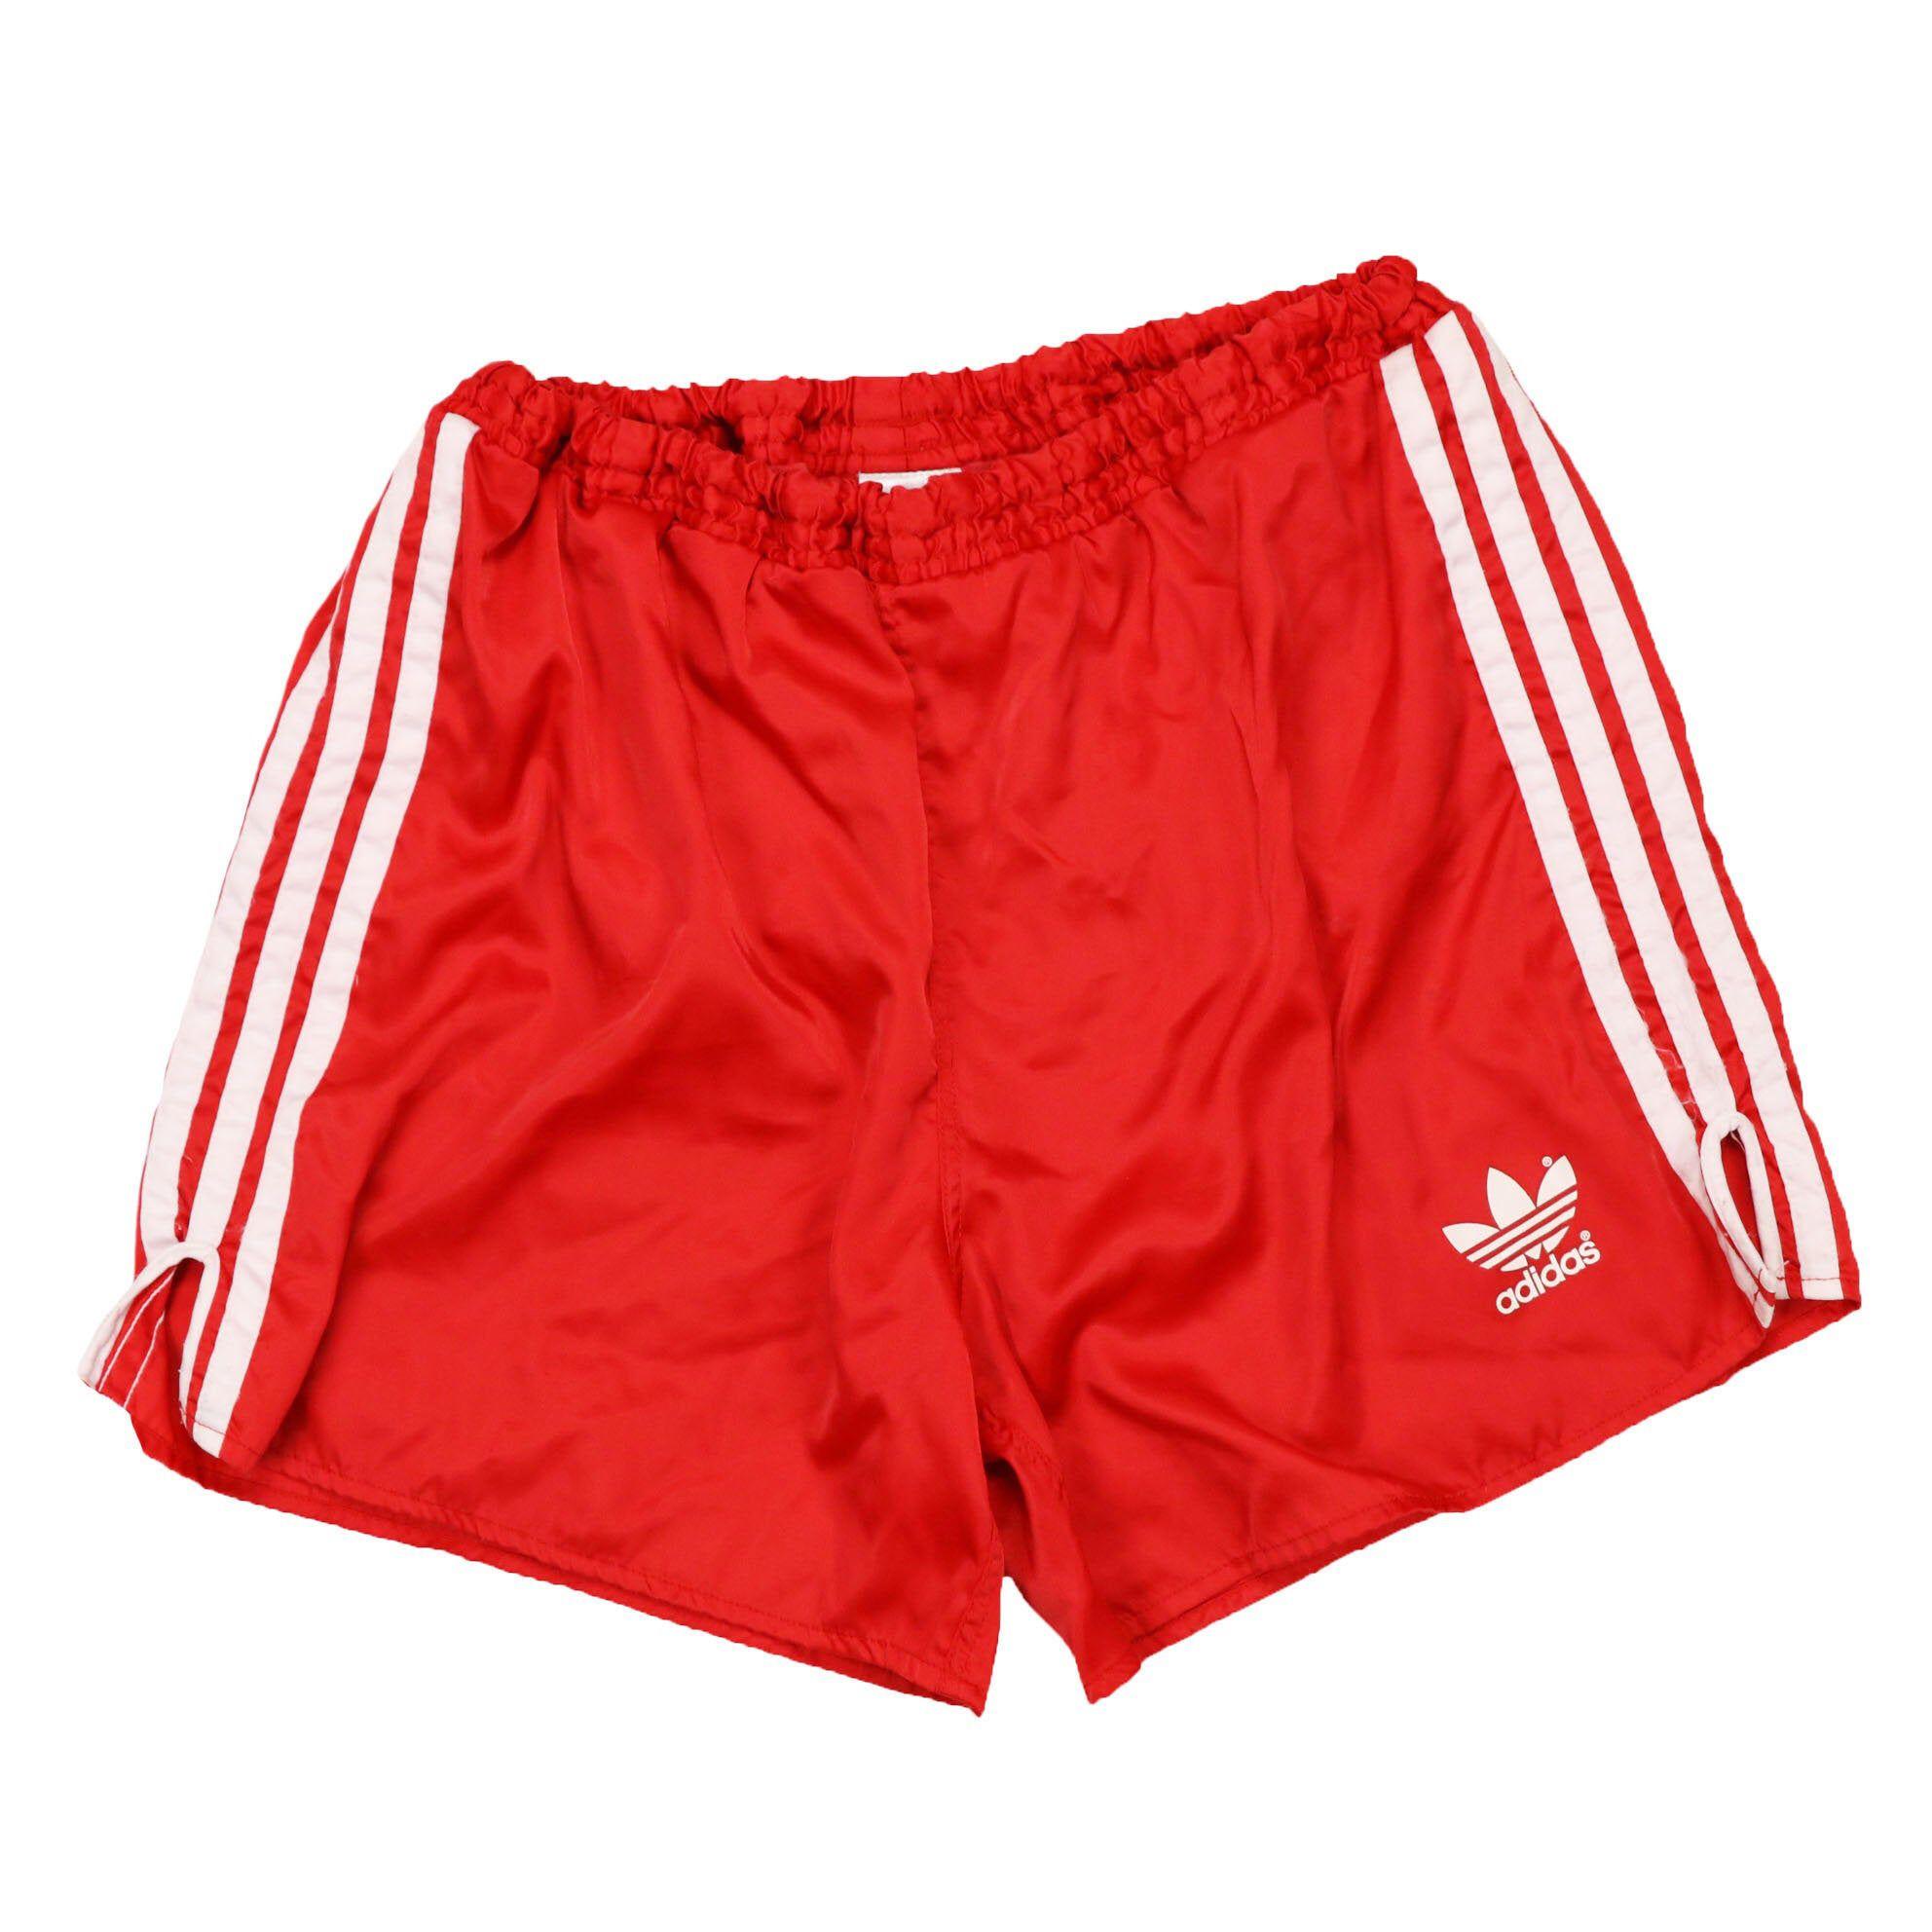 Redada brillante Finanzas  Vintage 80s 90s adidas running shorts original classic logo | Etsy | Adidas  shorts outfit, Red running shorts, Running shorts